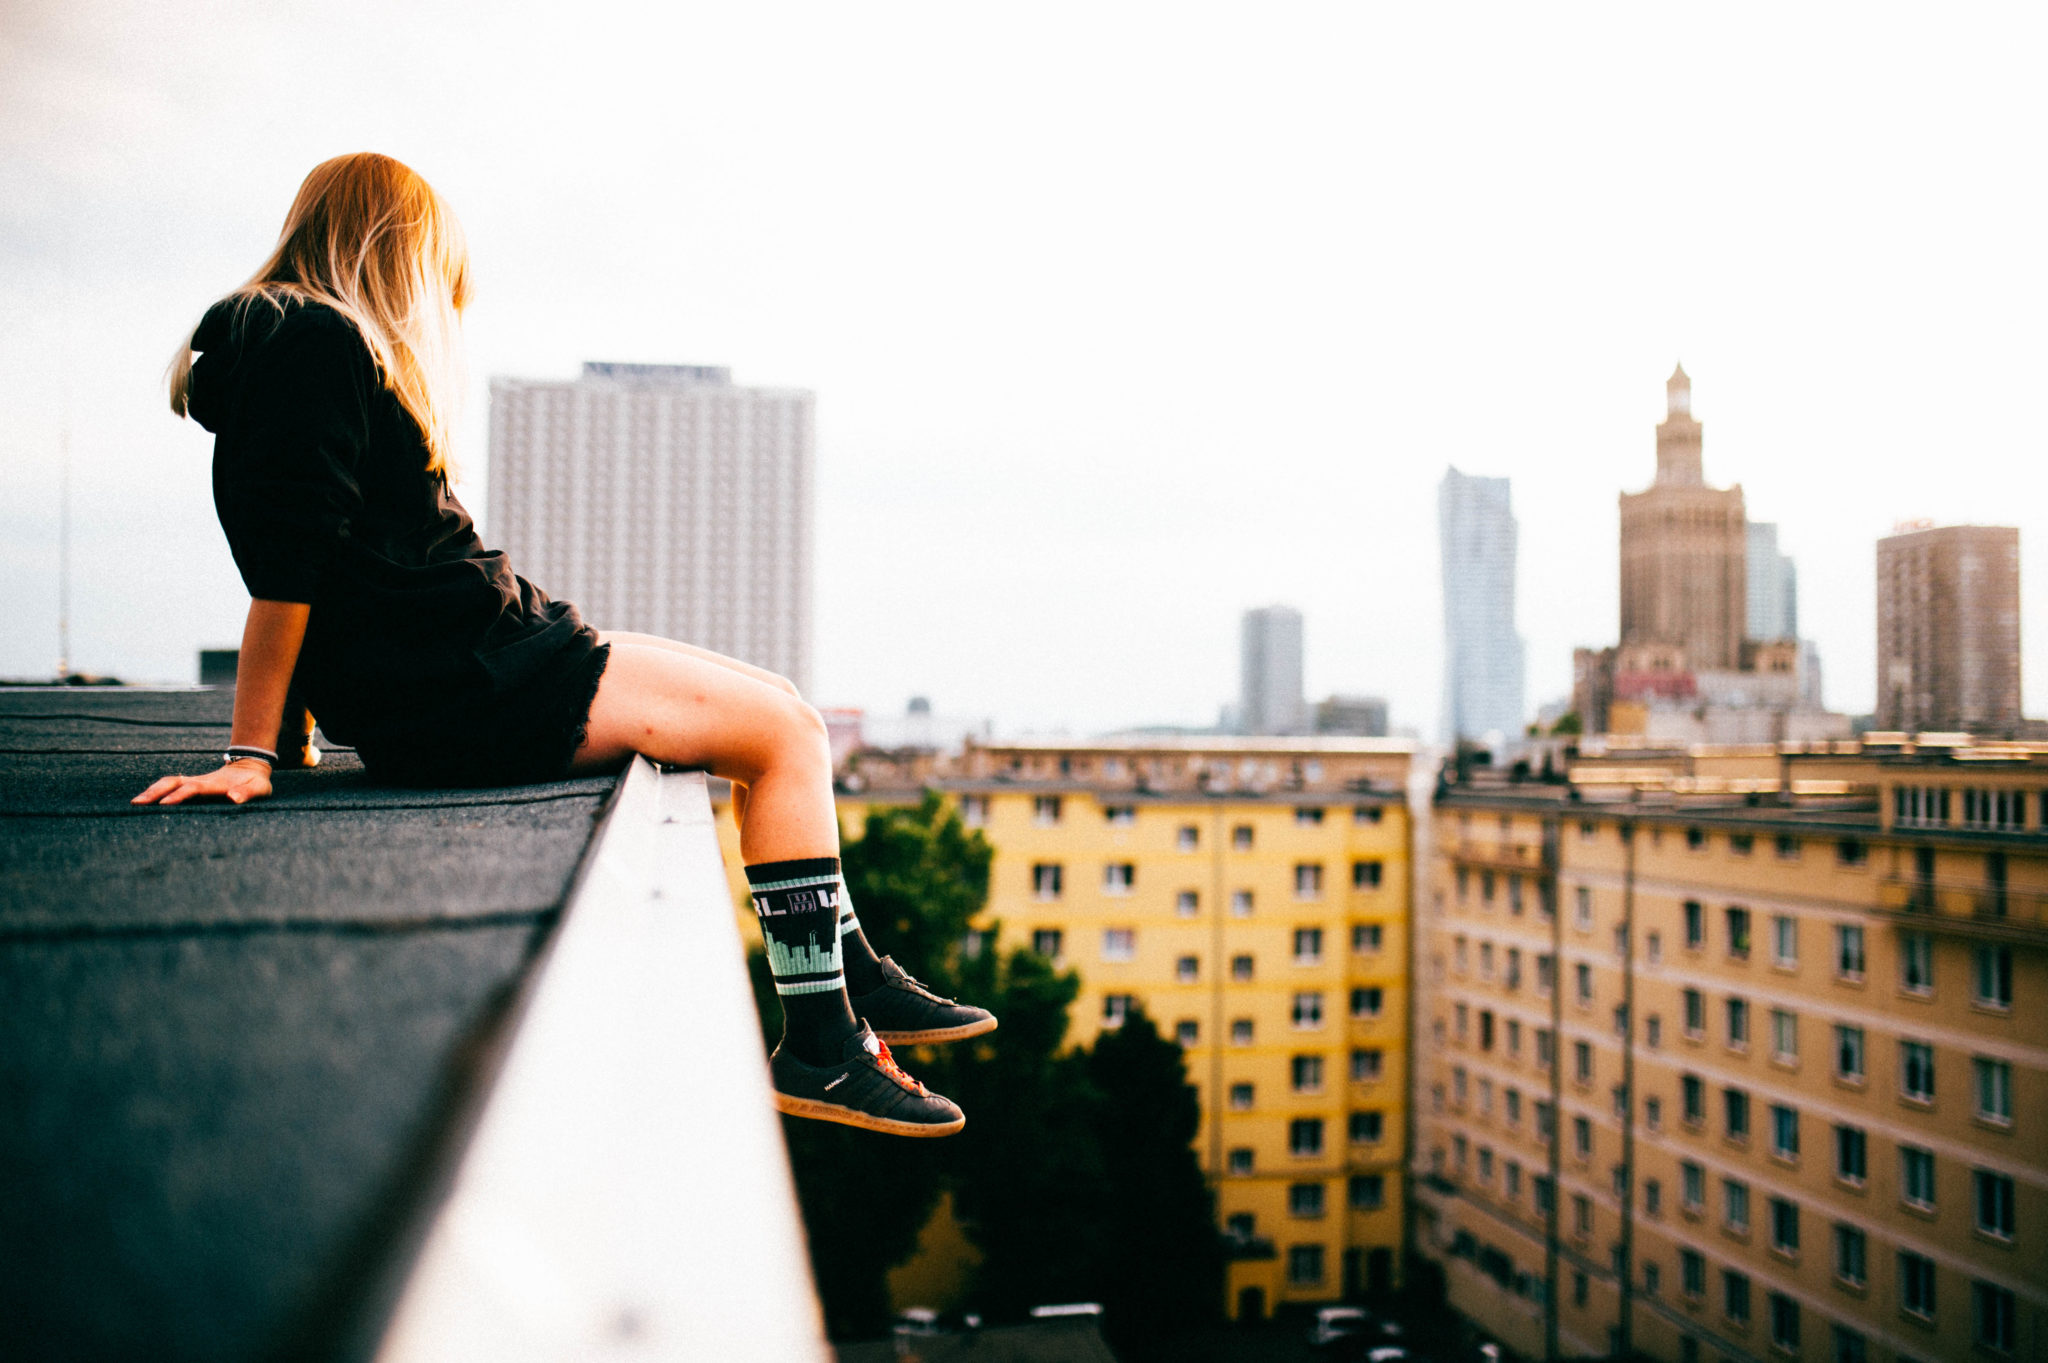 Dziewczyn siedząca na krawędzi budynku